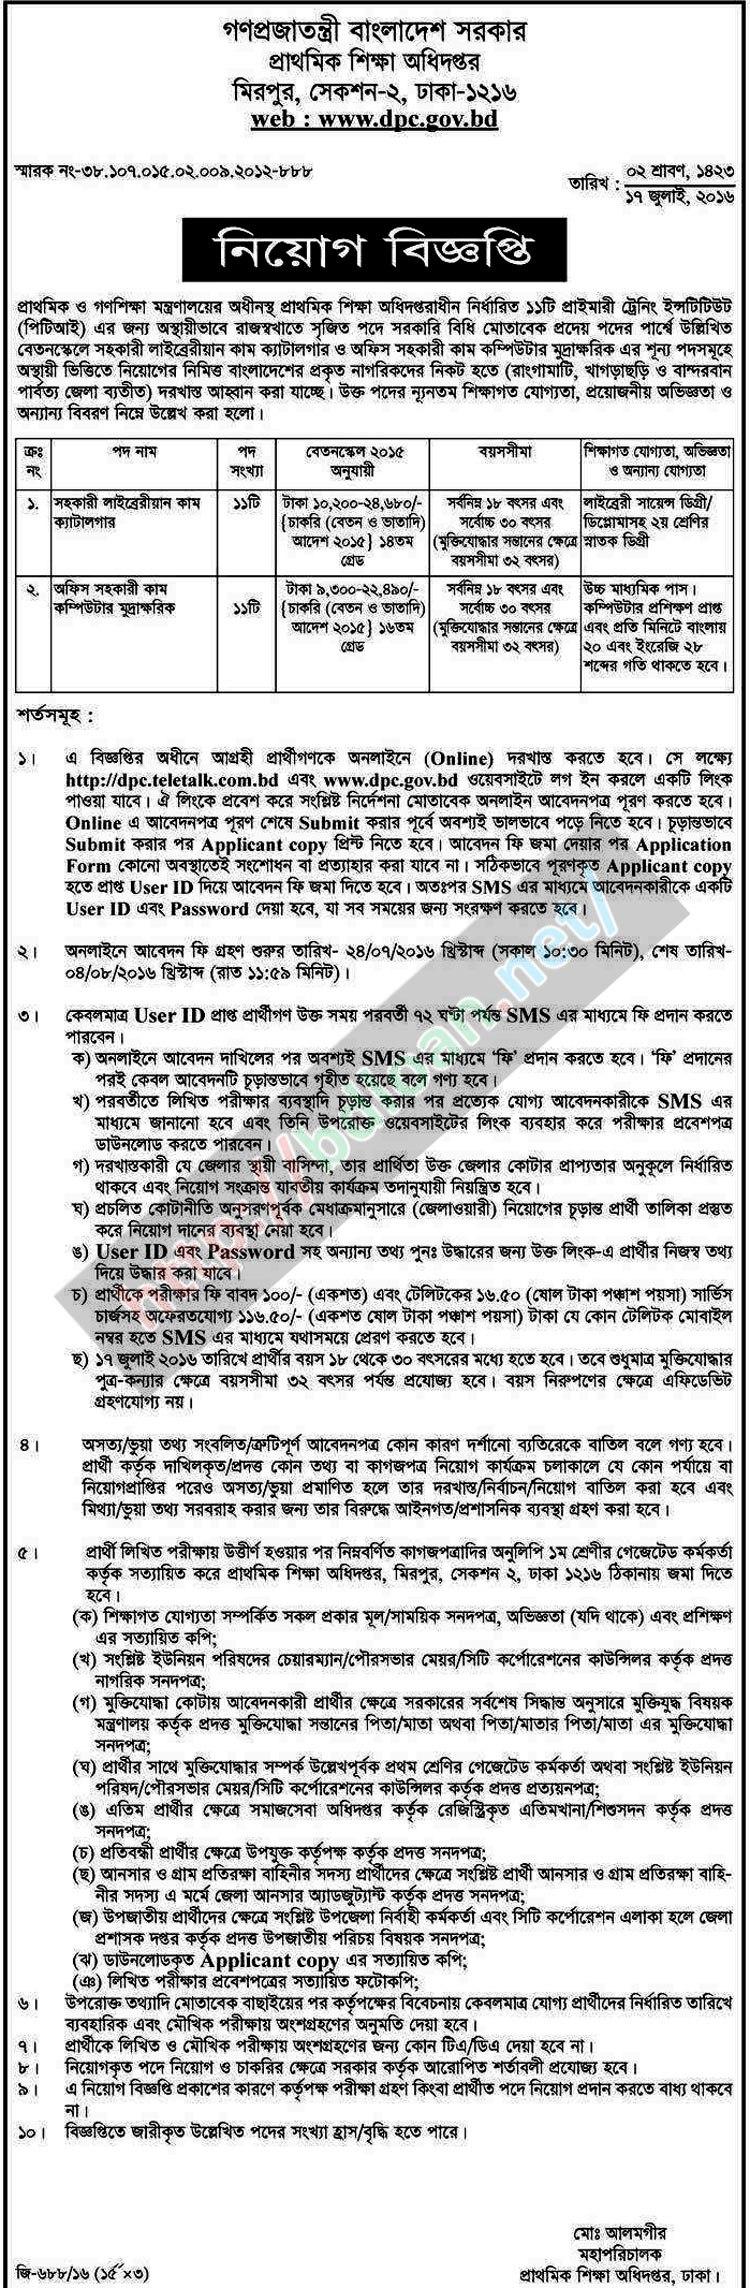 Directorate of Primary Education Job Circular 2016